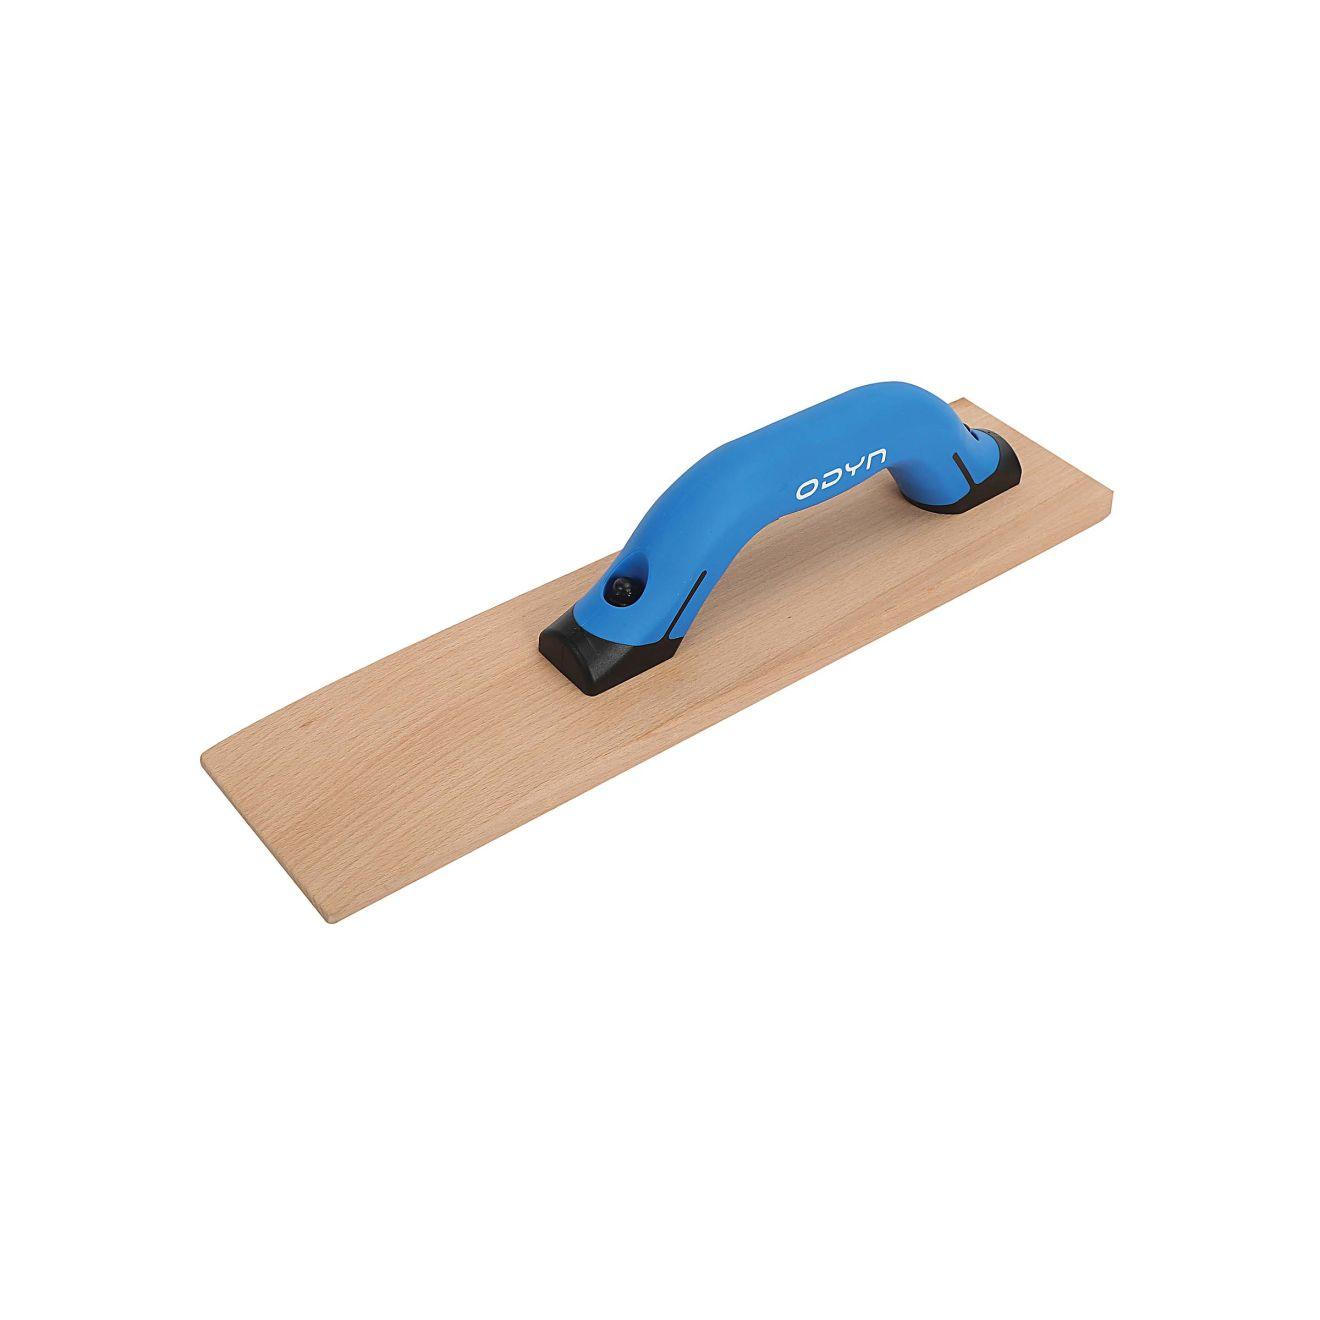 Odyn 3-1/2 in. x 15 in. Wood Float